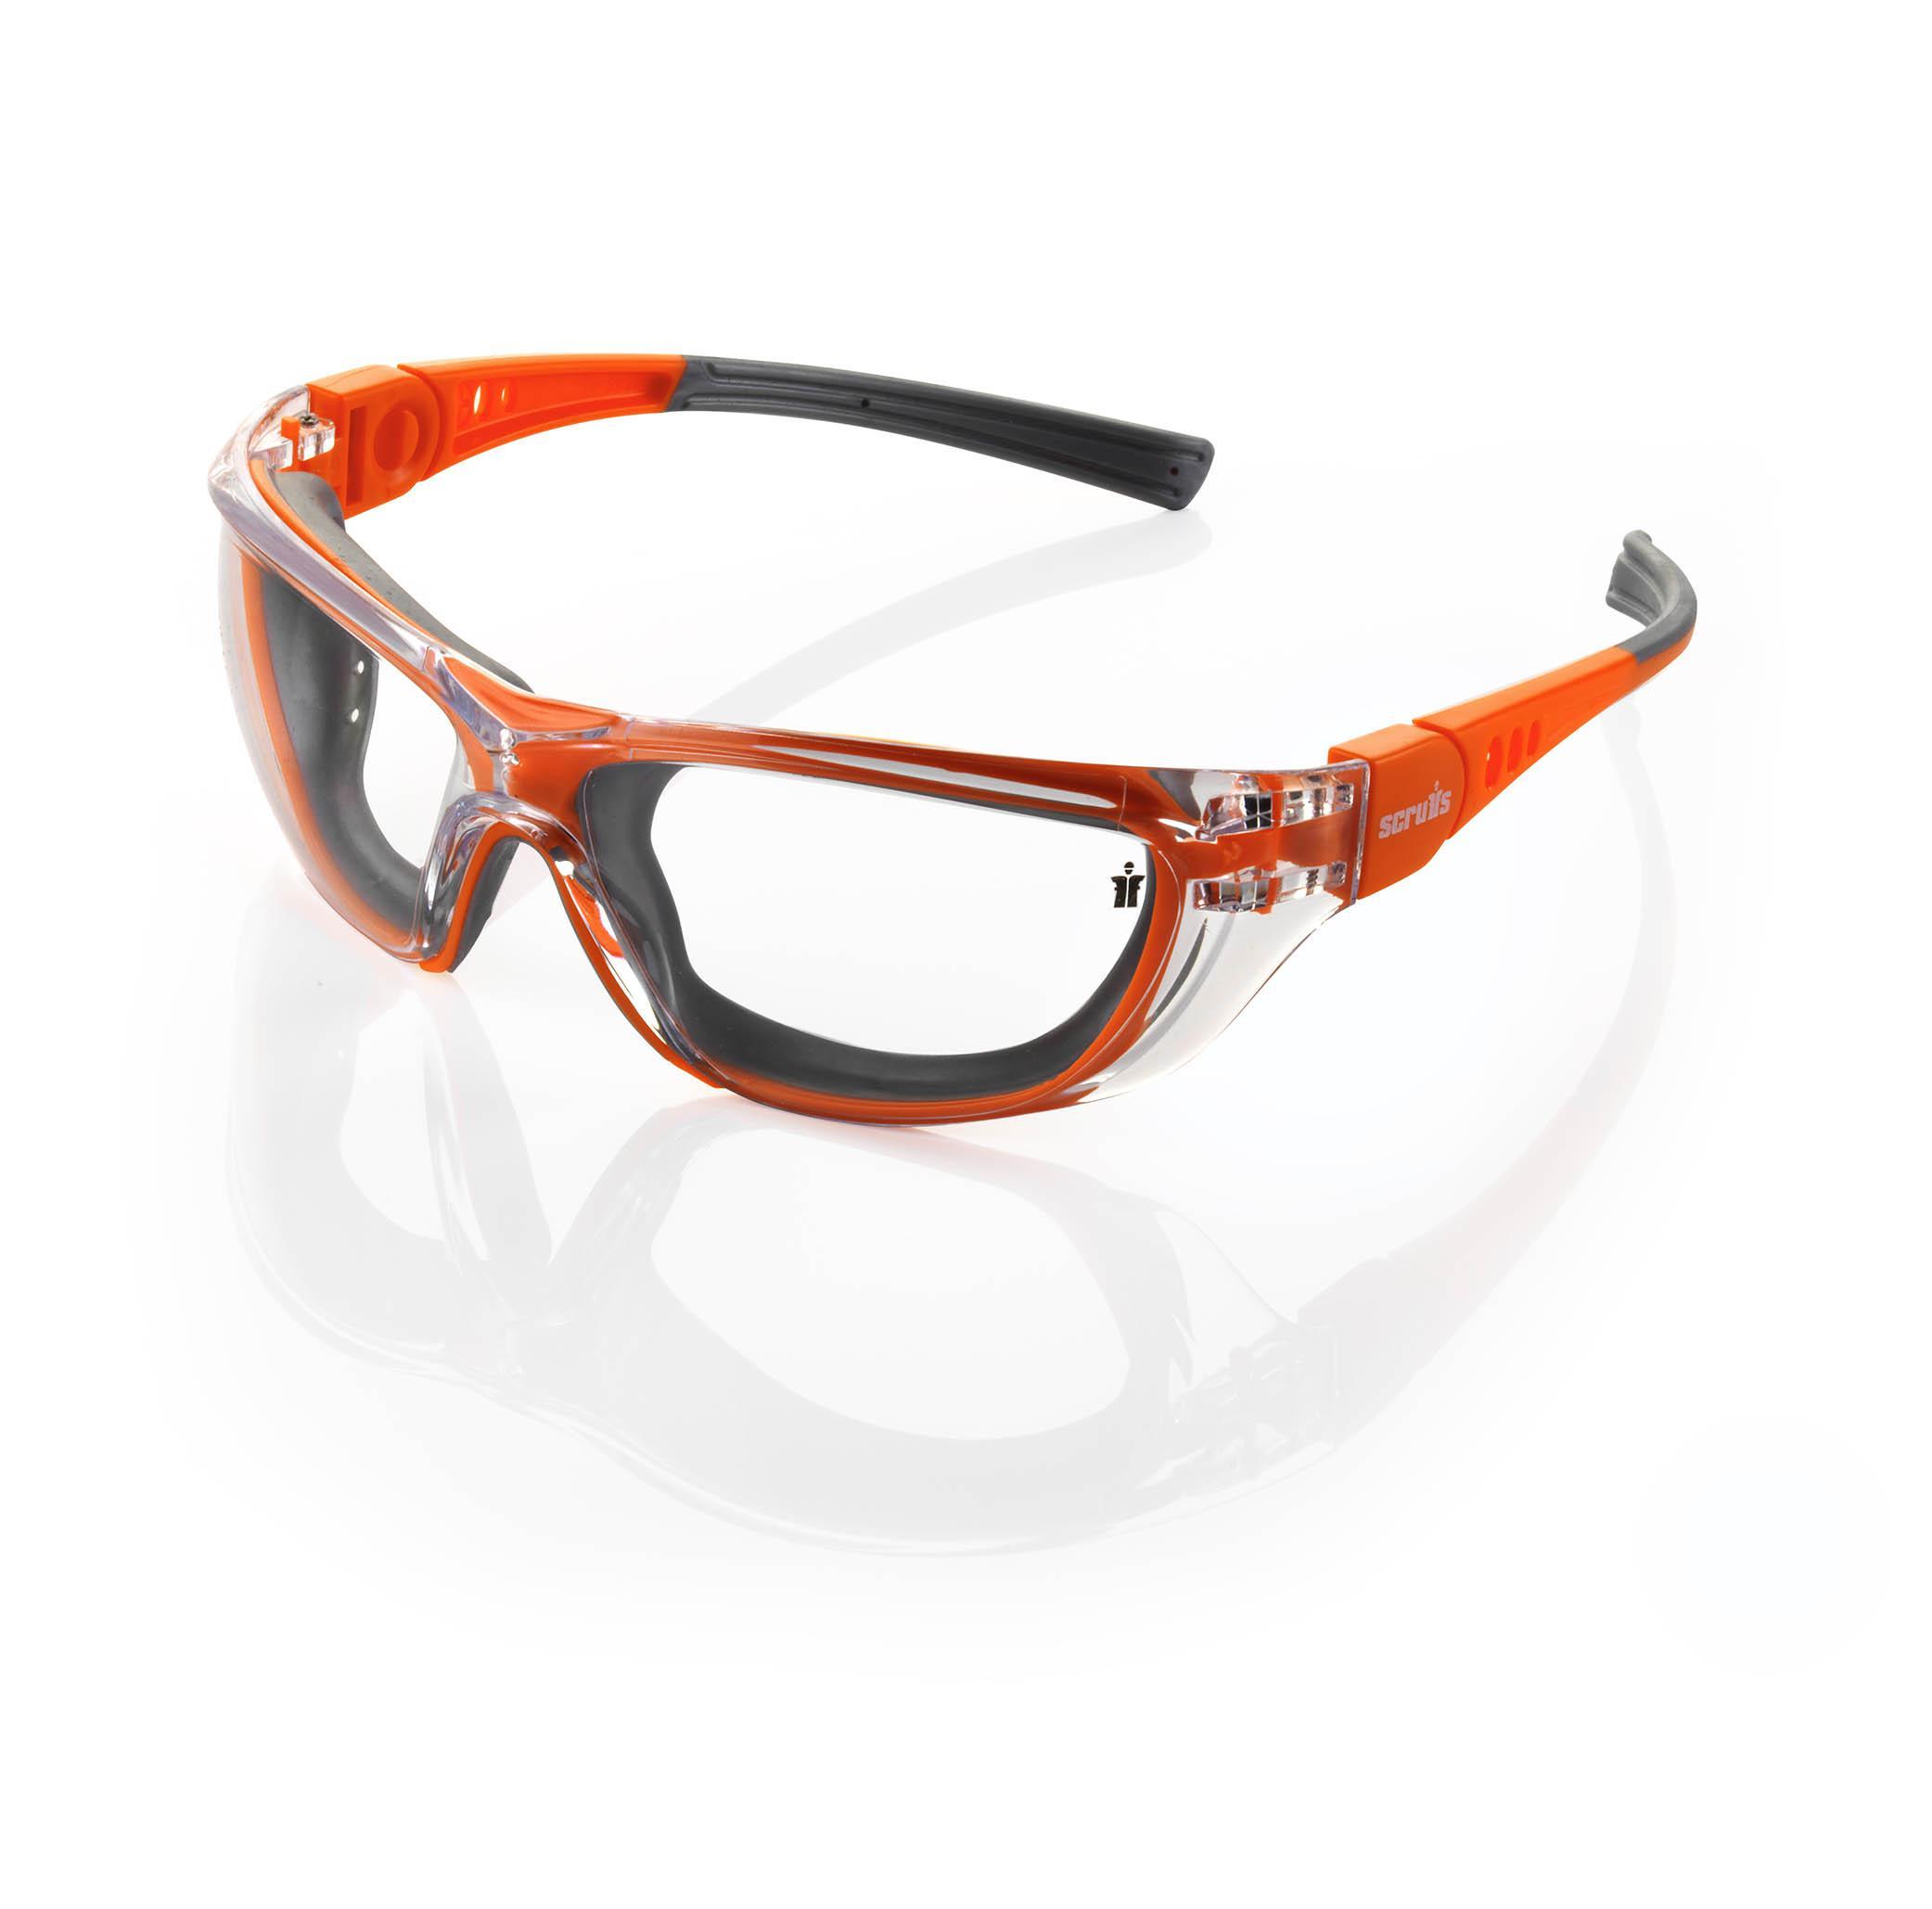 Falcon Specs